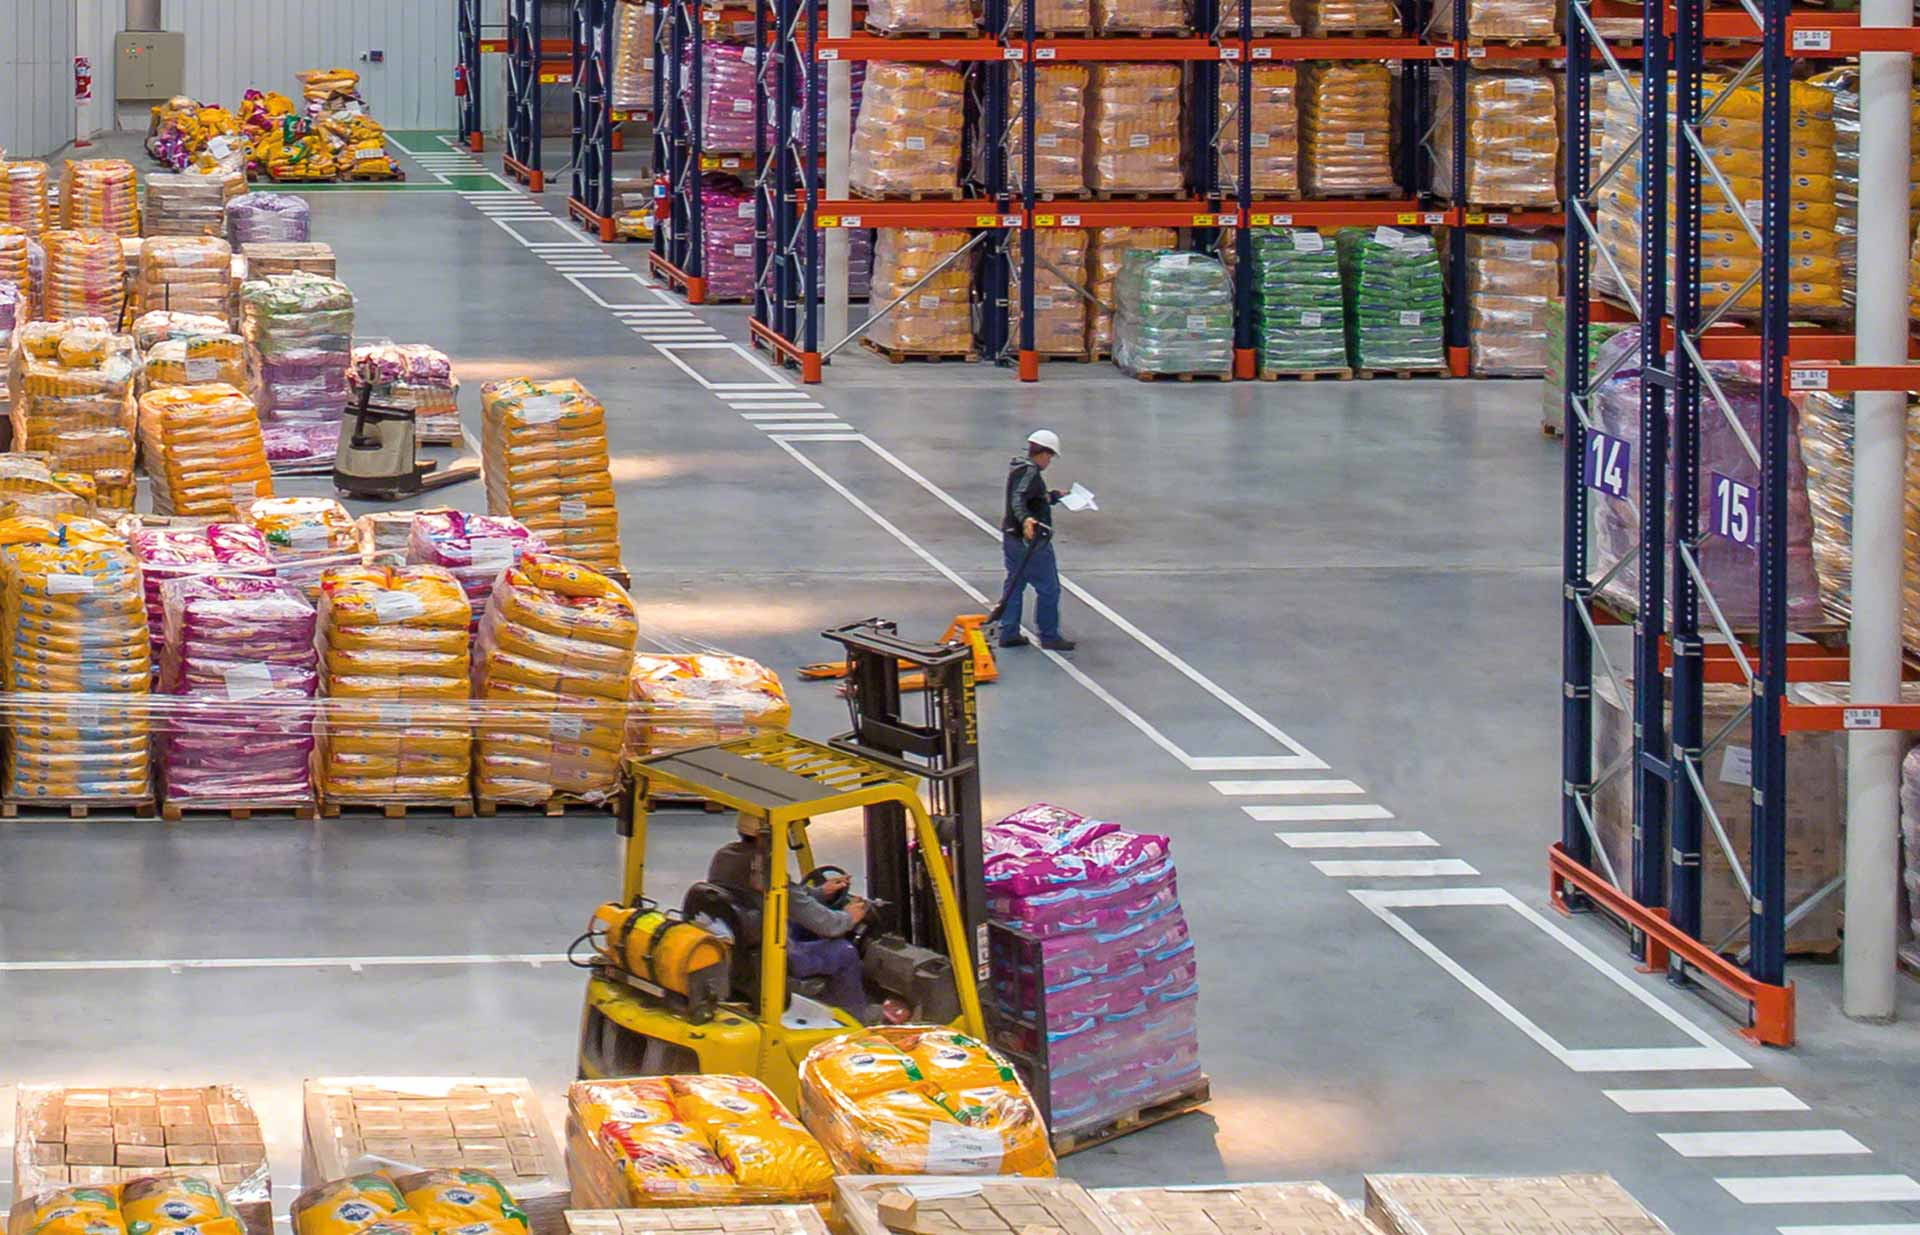 Um operador coordena as operações como parte da logística de distribuição